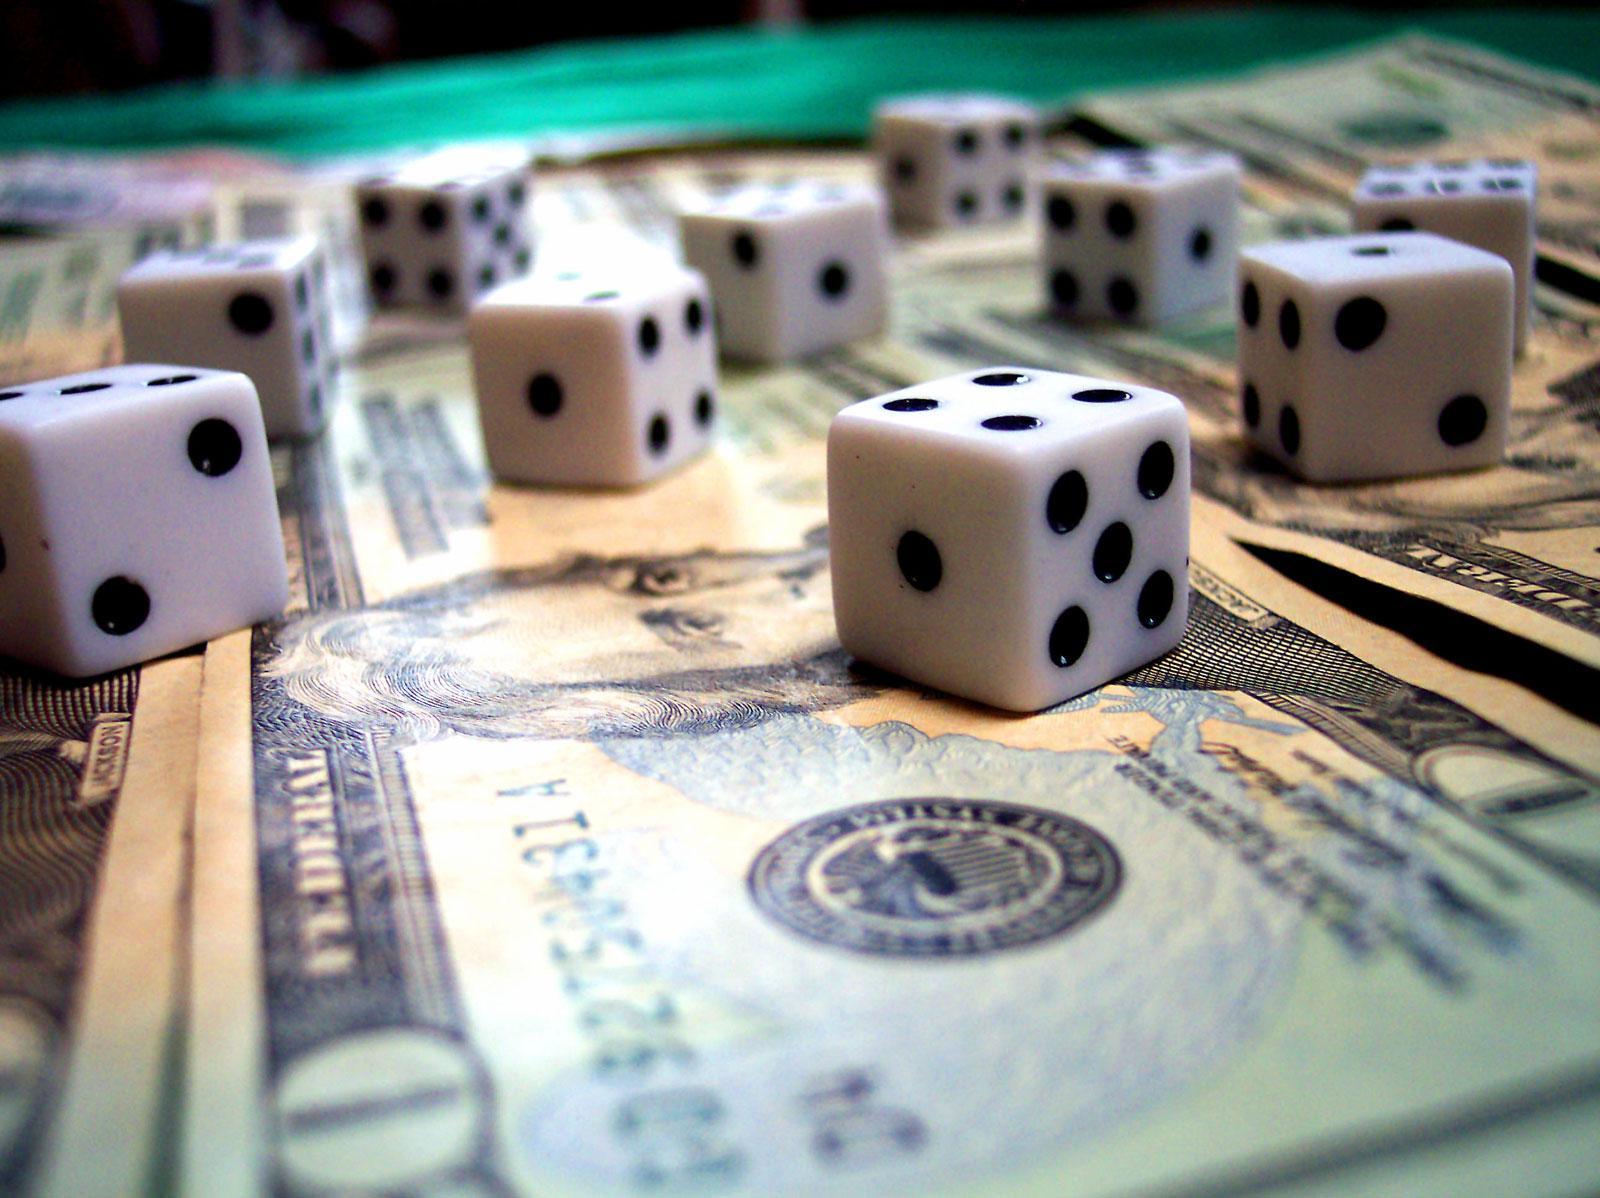 jeux d argent et de hasard une norme en 2011 pour un jeu responsable d couvrir. Black Bedroom Furniture Sets. Home Design Ideas